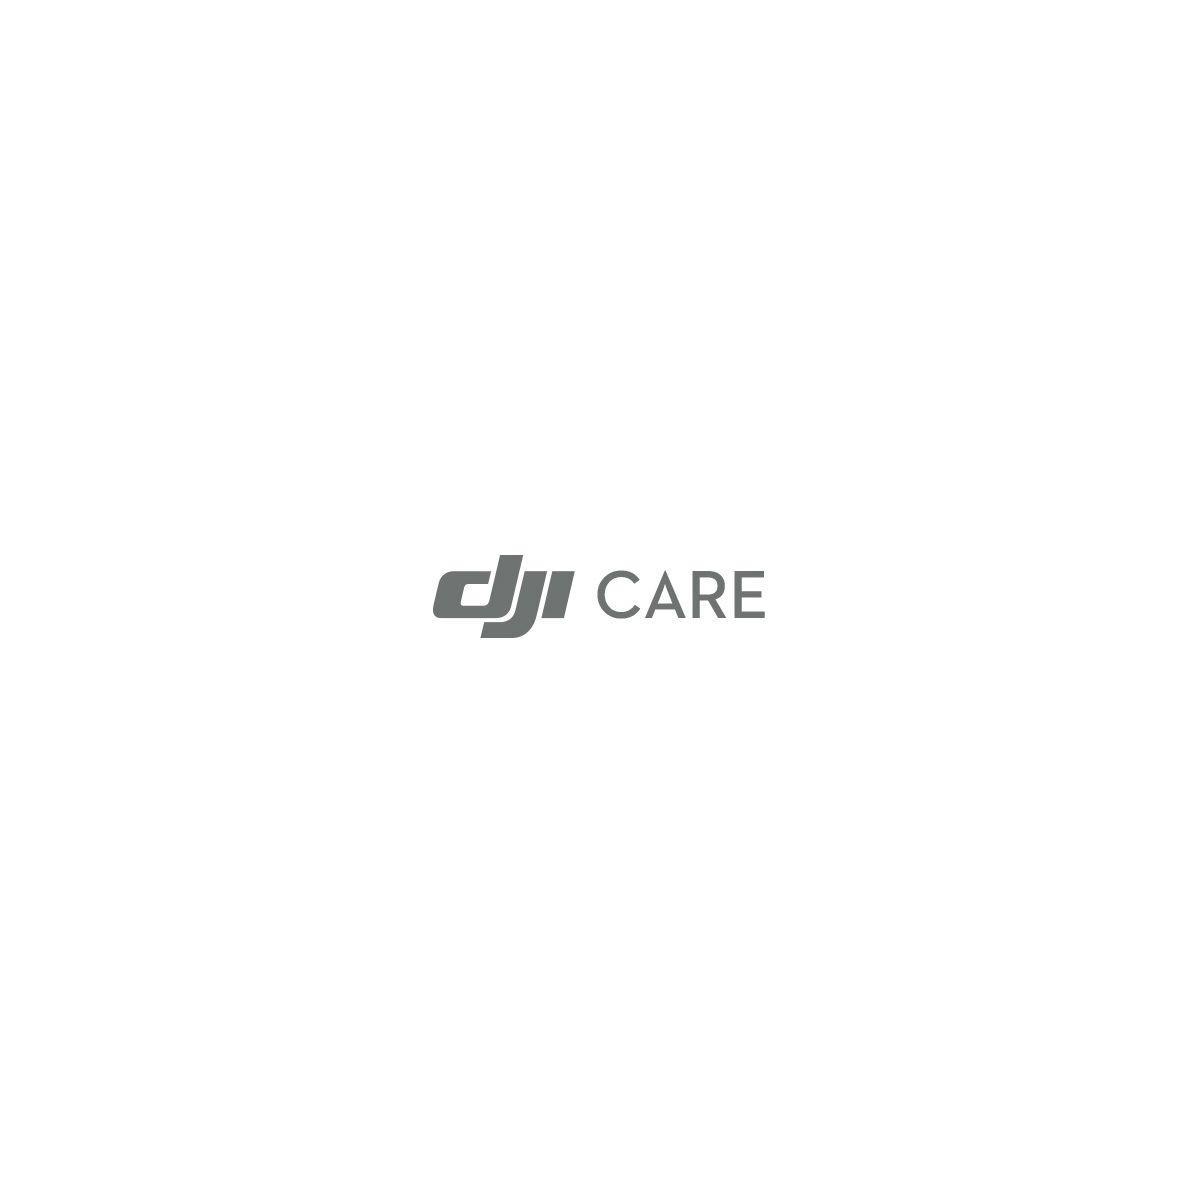 Acc. drone dji care pour phantom 4 pro - 7% de remise imm�diate avec le code : green7